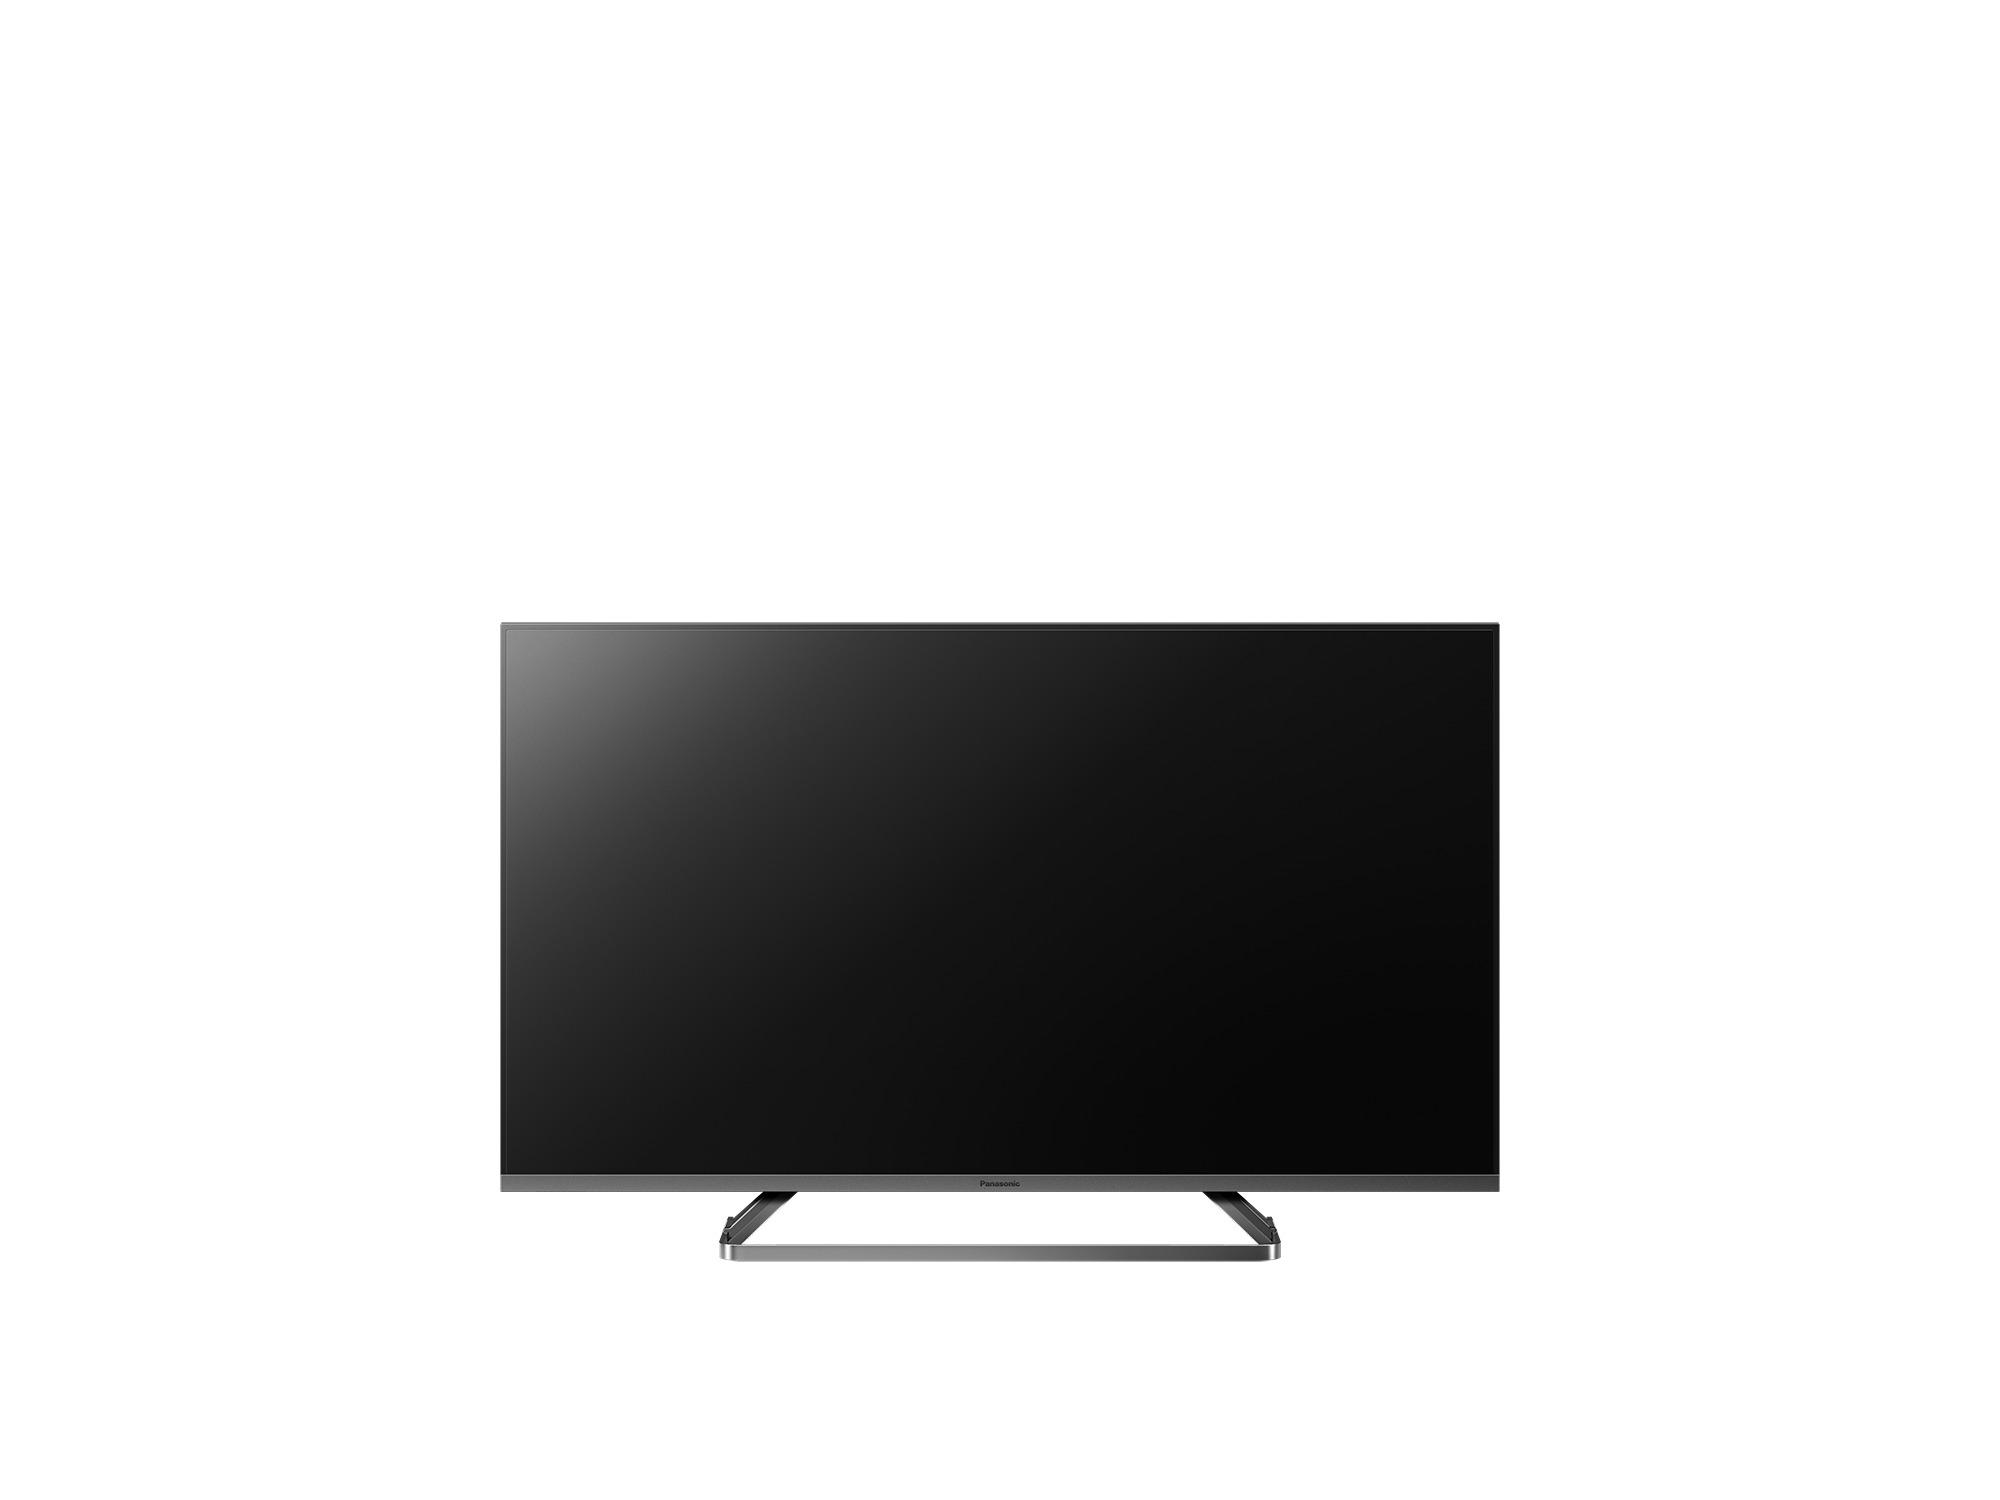 Panasonic TX-40GXX889 40 inch UHD TV